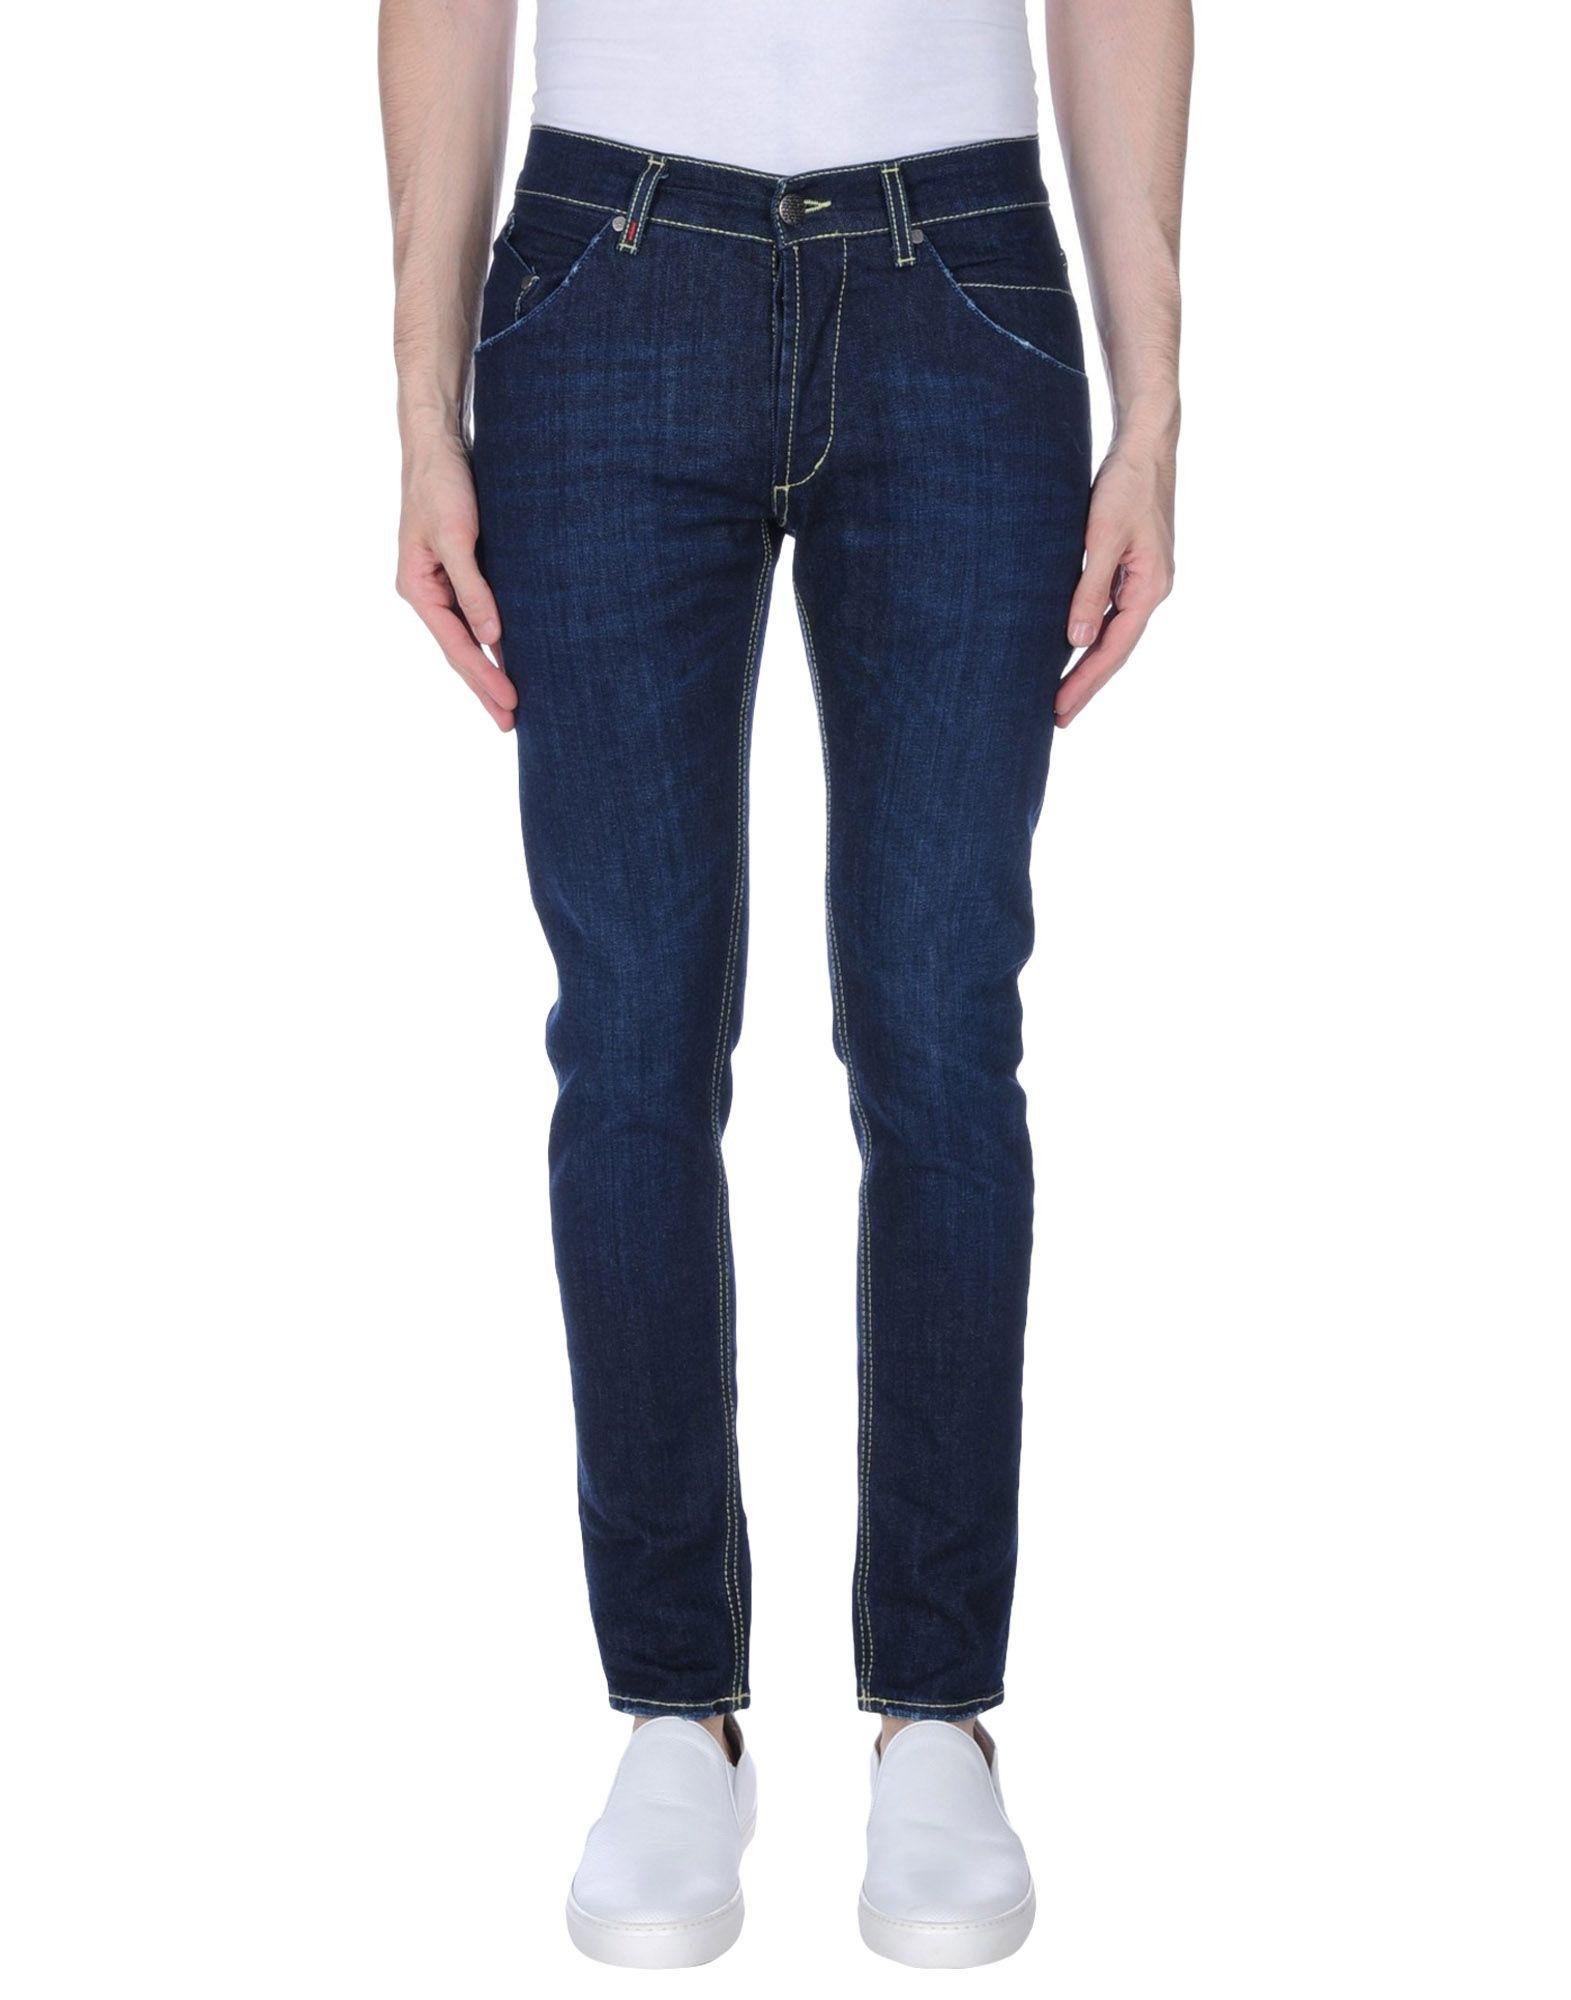 Pantaloni Pantaloni Pantaloni Jeans Dondup Uomo - 42615881OU 7186a5